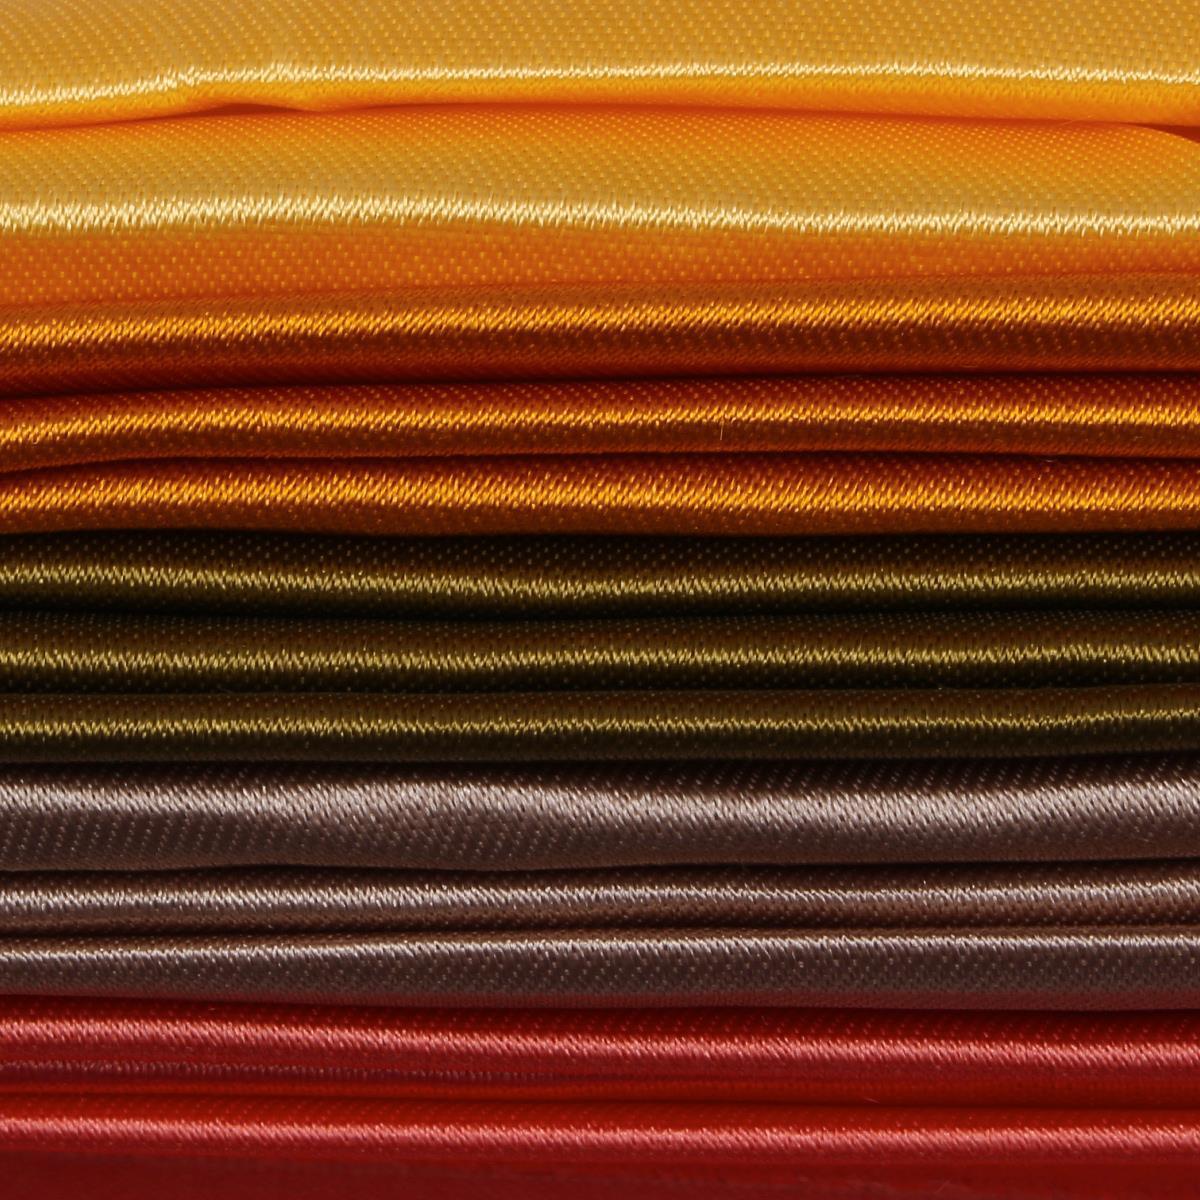 Asian Satin Fabric 110